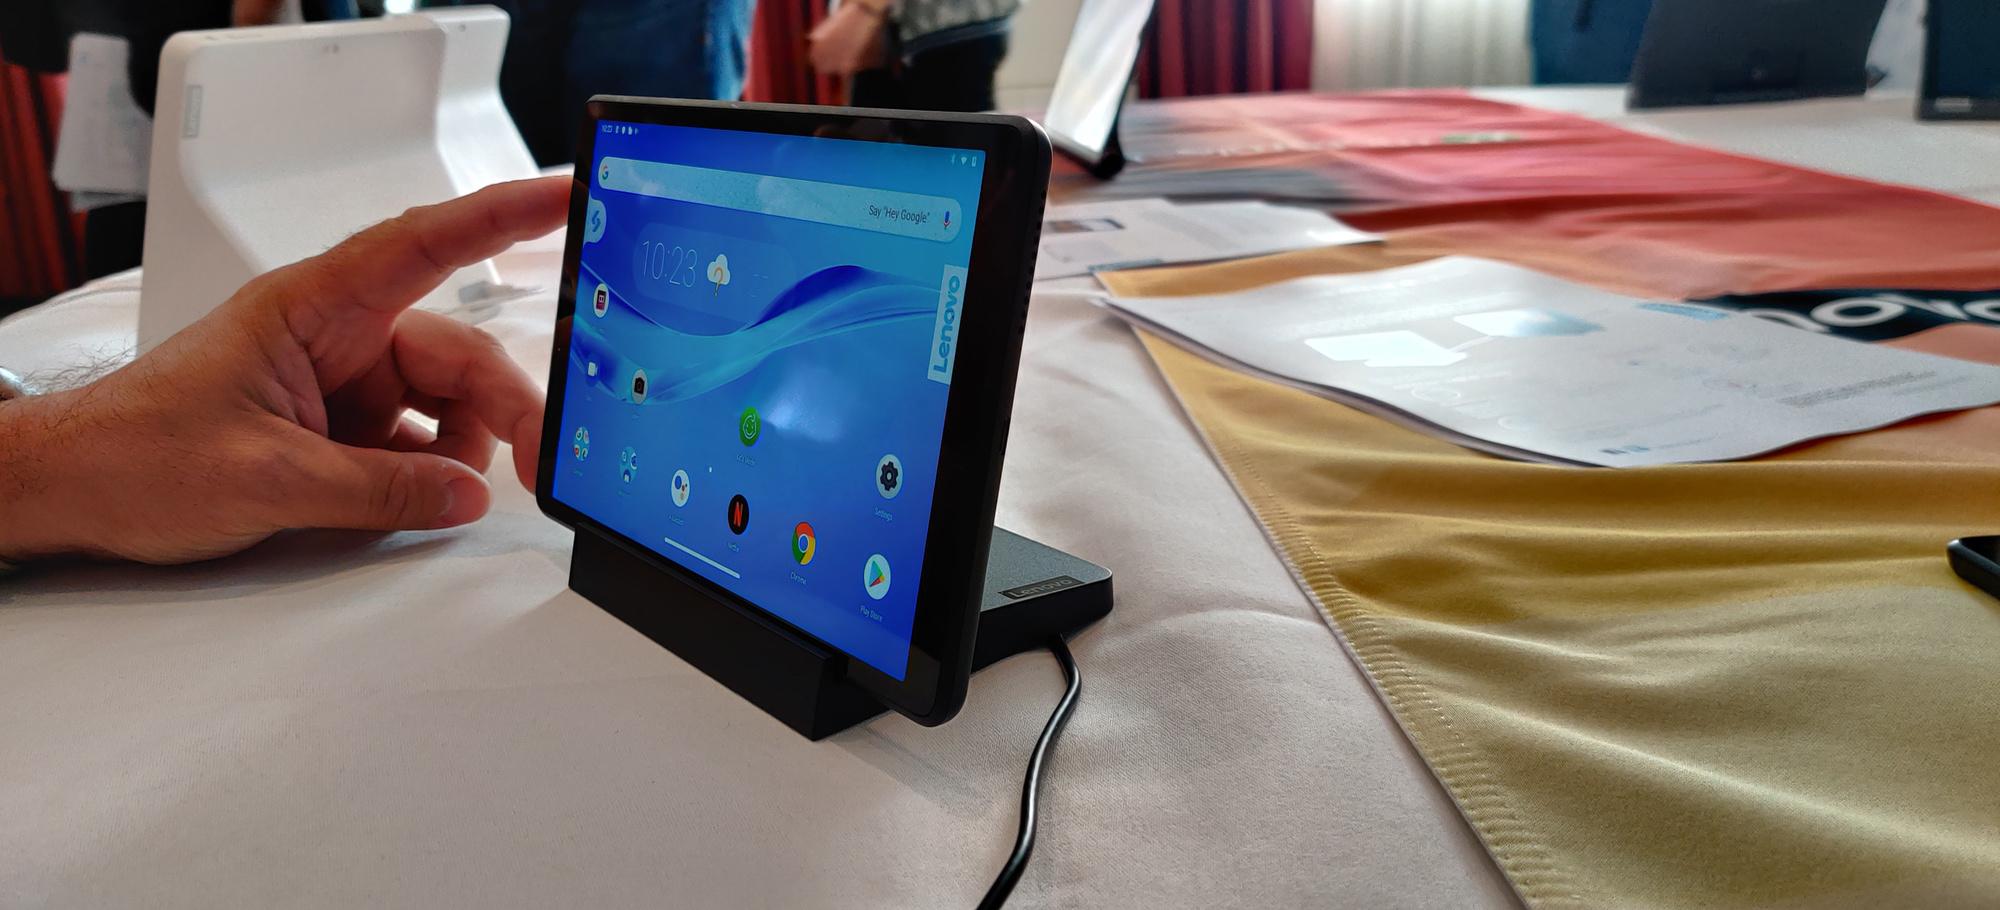 Lenovo Smart Tab M8, PVL